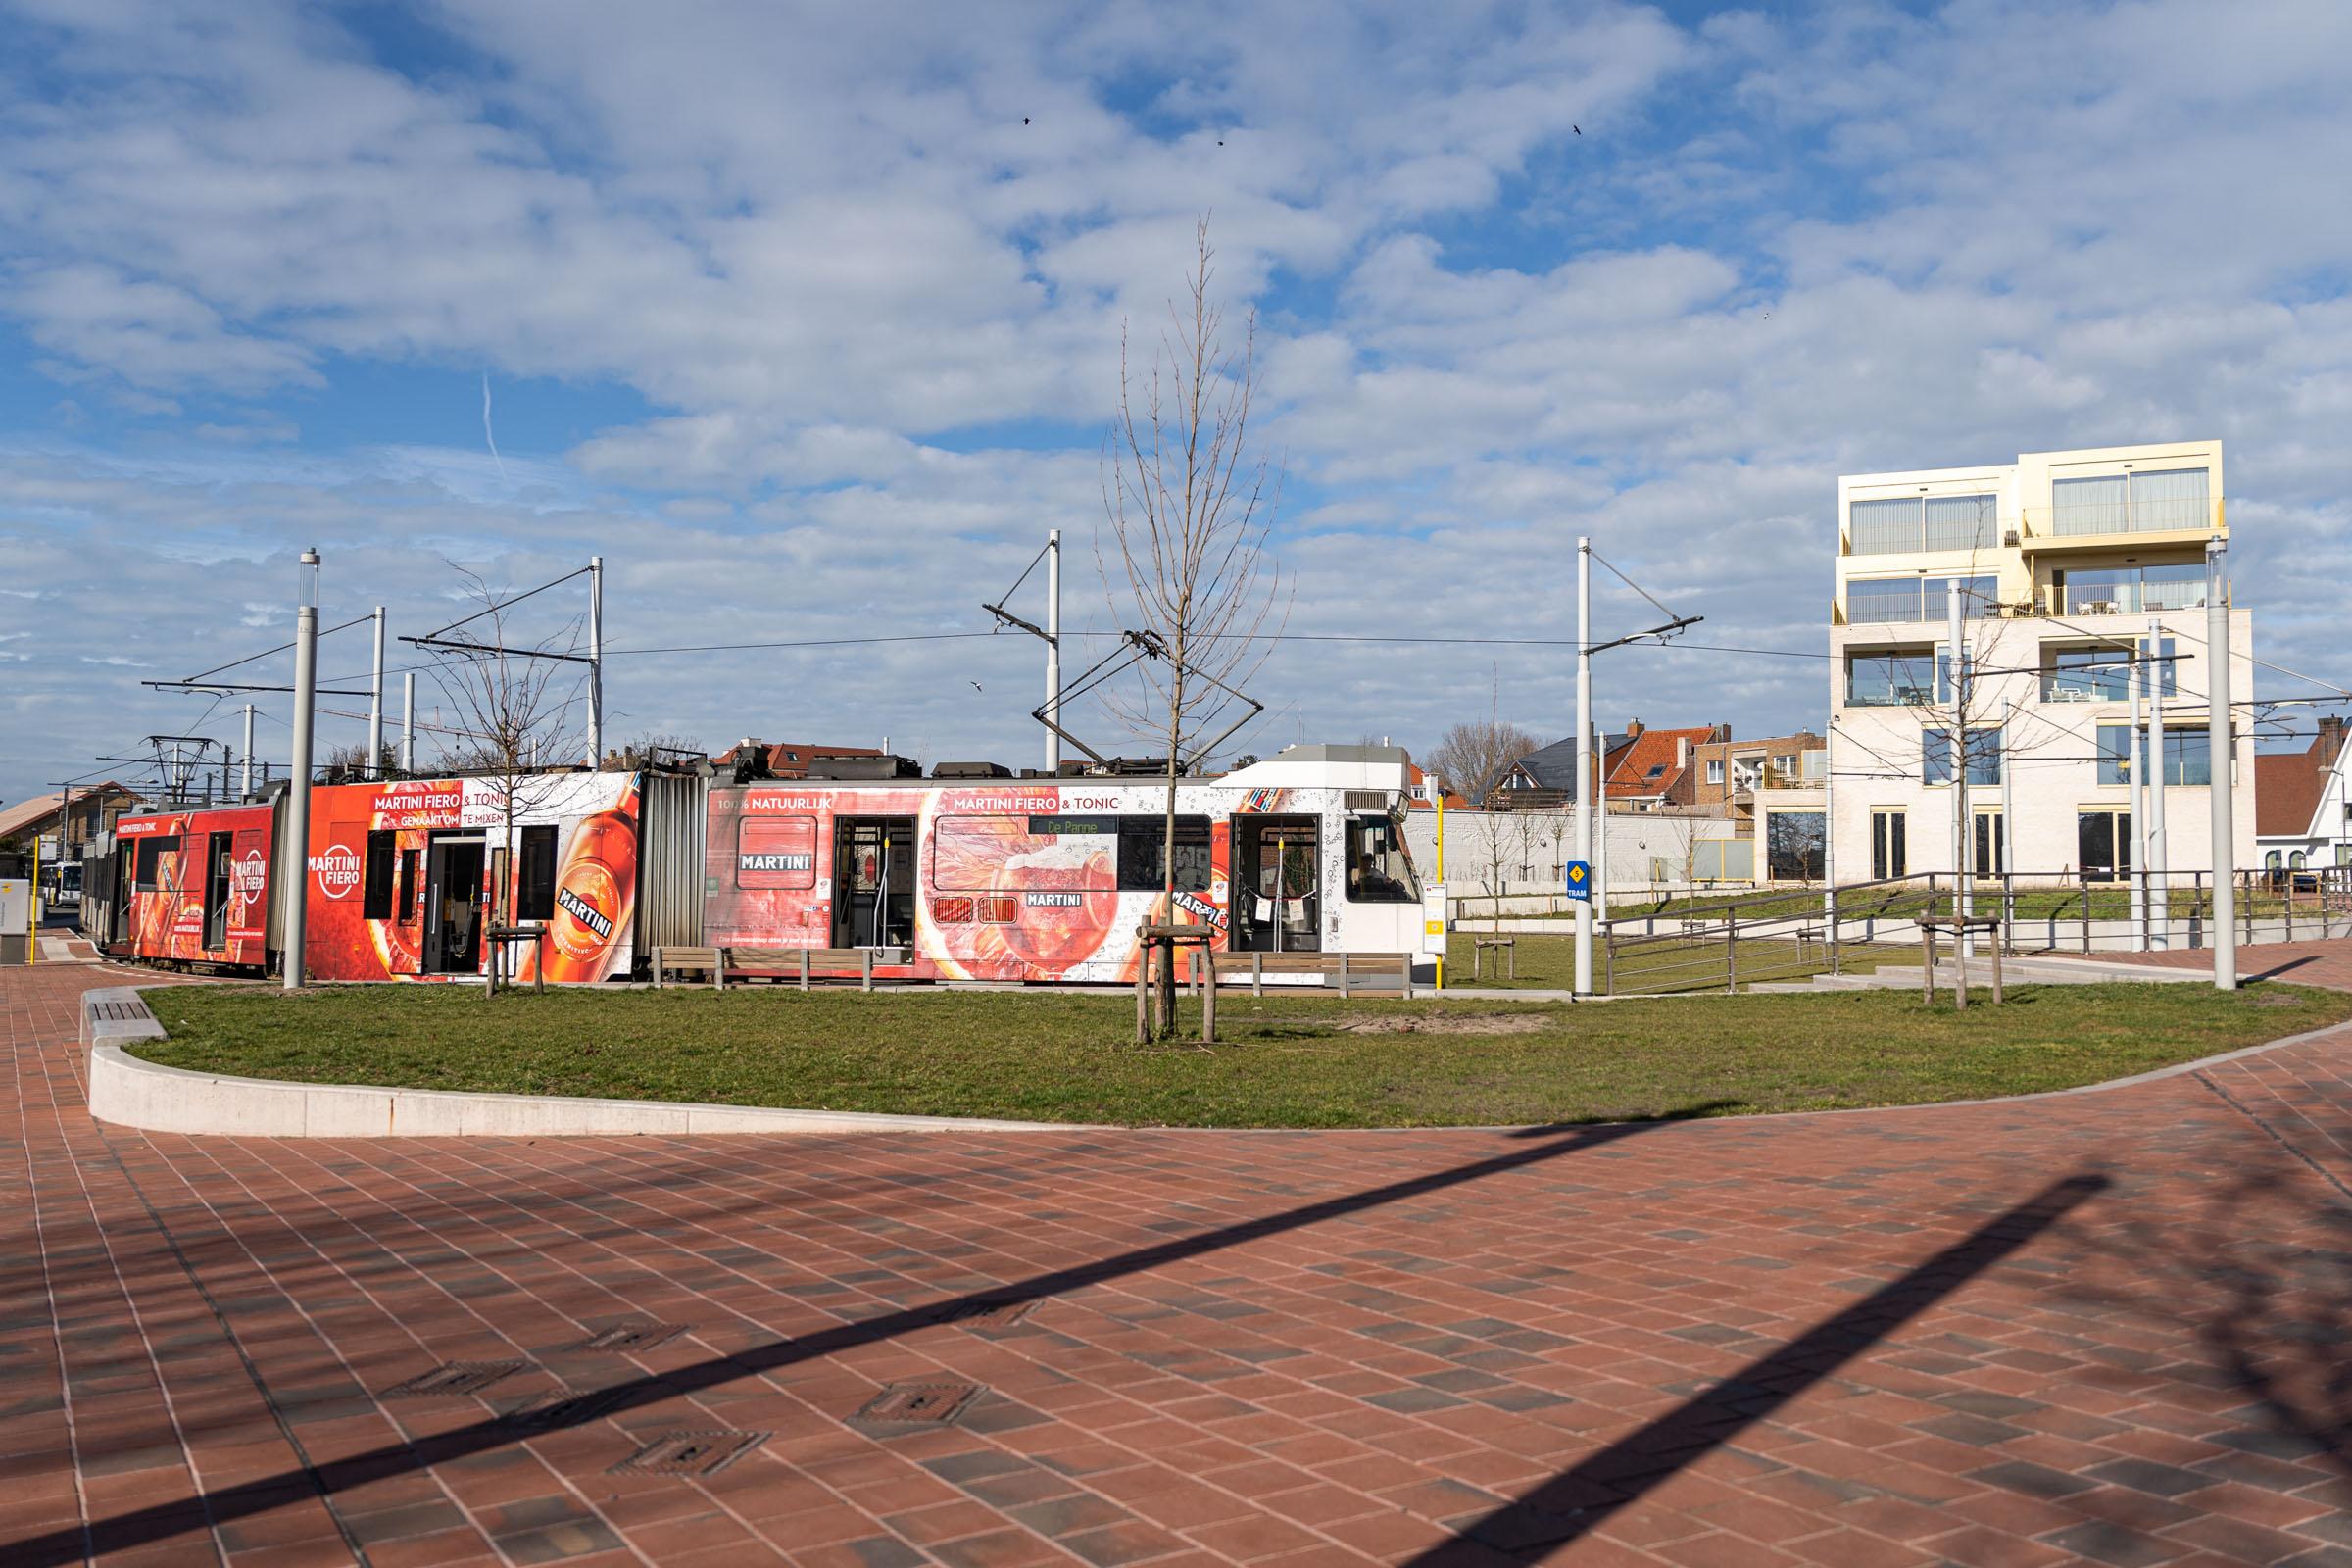 Openbaar vervoer in Knokke